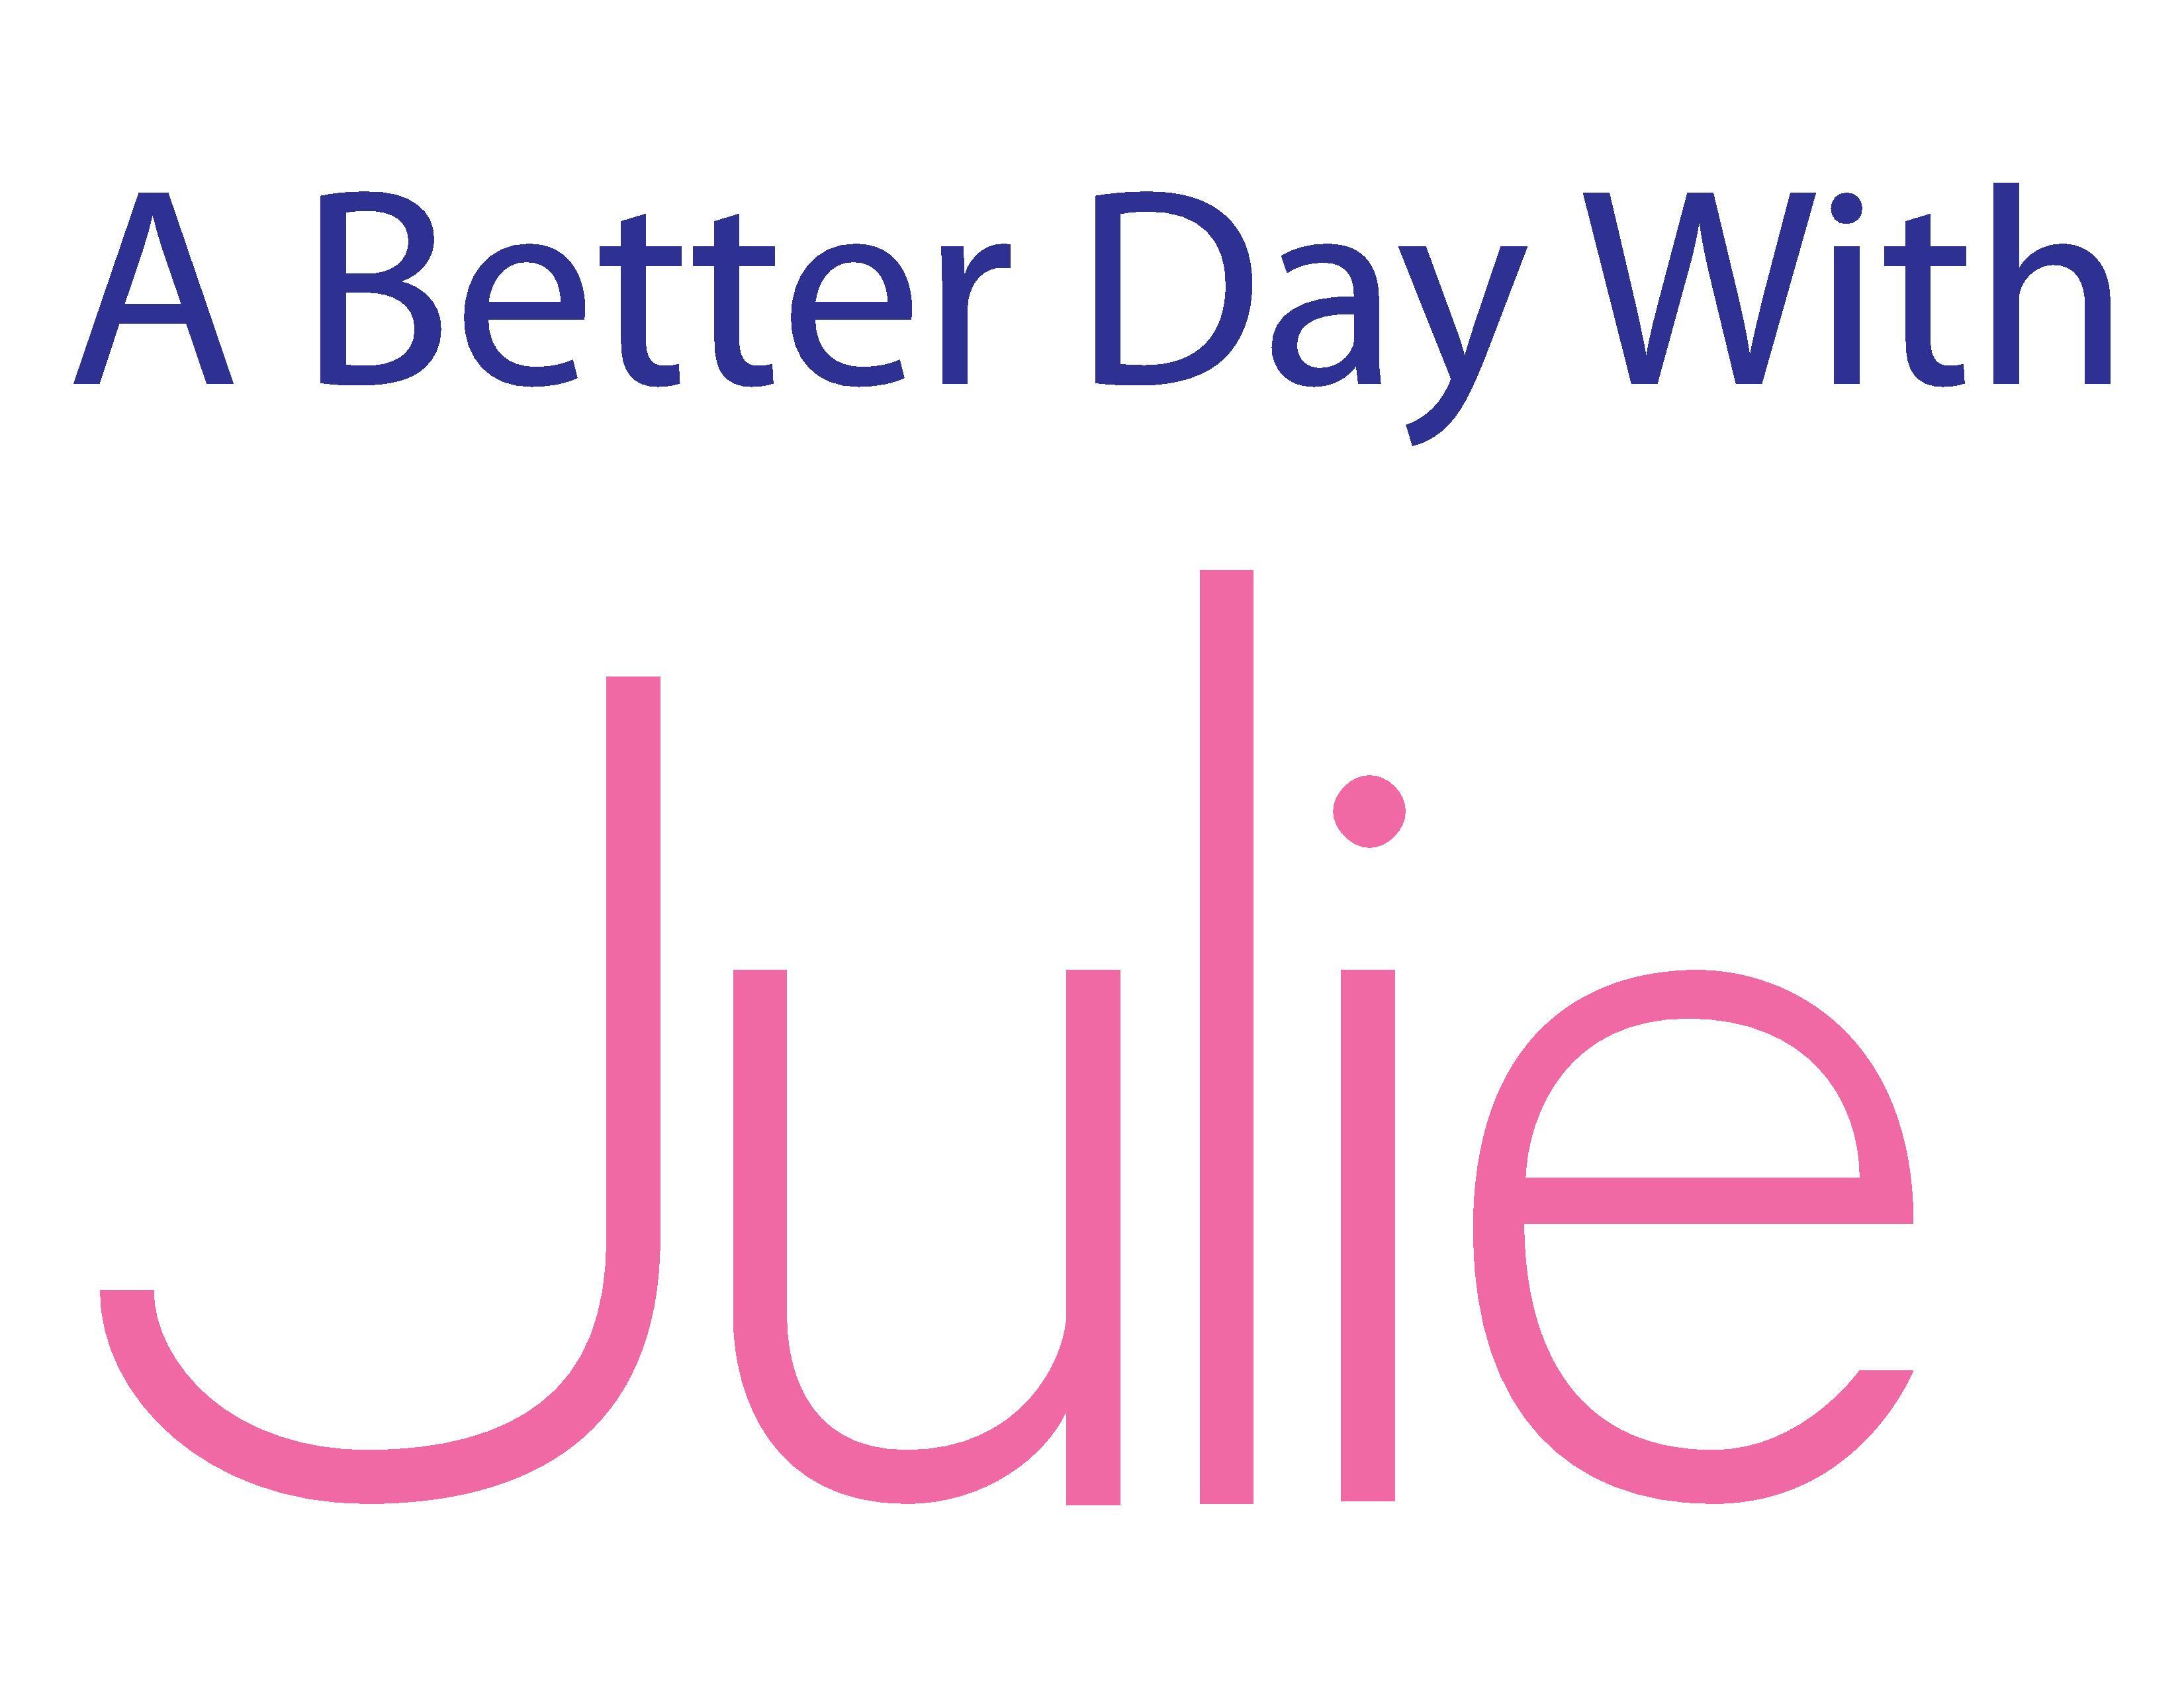 juliehightower-abd-page-001